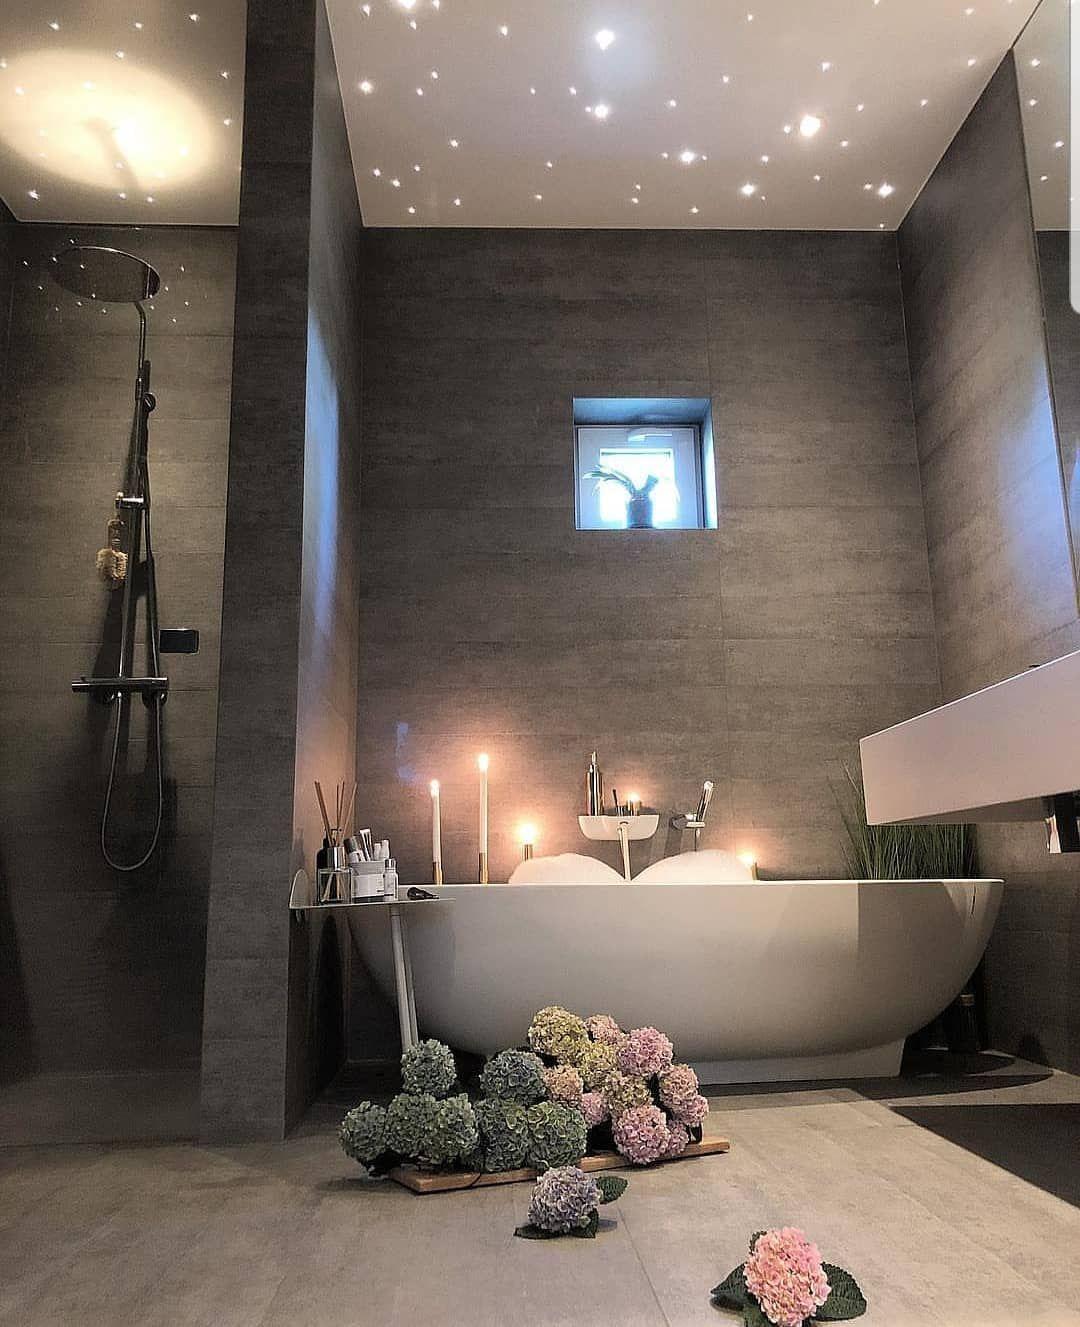 Gutschrift Baddesign Badezimmer Inspire Me Home Decor Interiordesign In Salle De Bain Romantique Salle De Bain Design Idee Salle De Bain